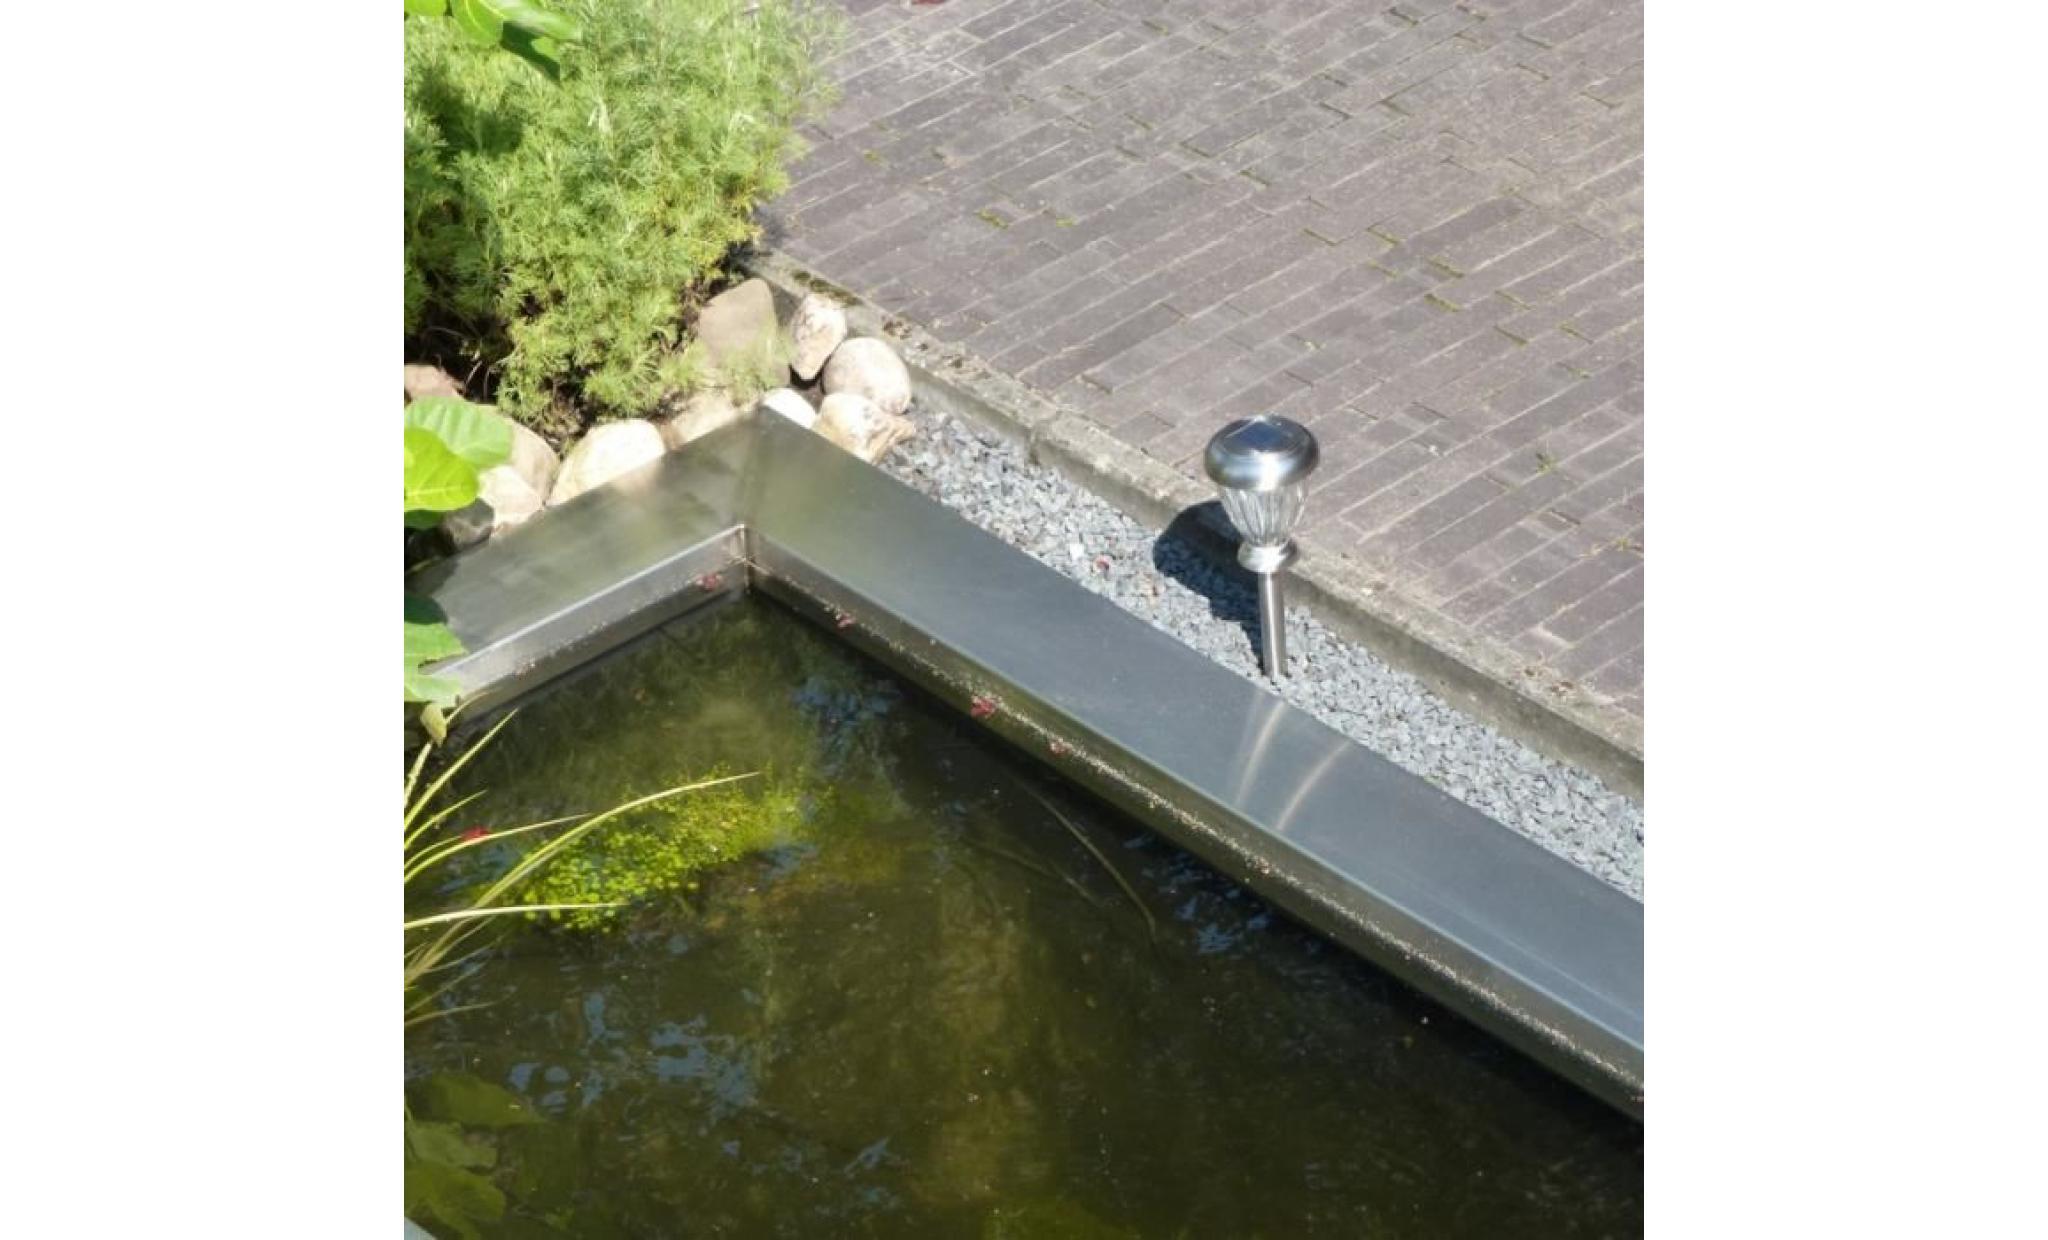 magnifique lampe de jardin solaire hautement lumineuse. Black Bedroom Furniture Sets. Home Design Ideas